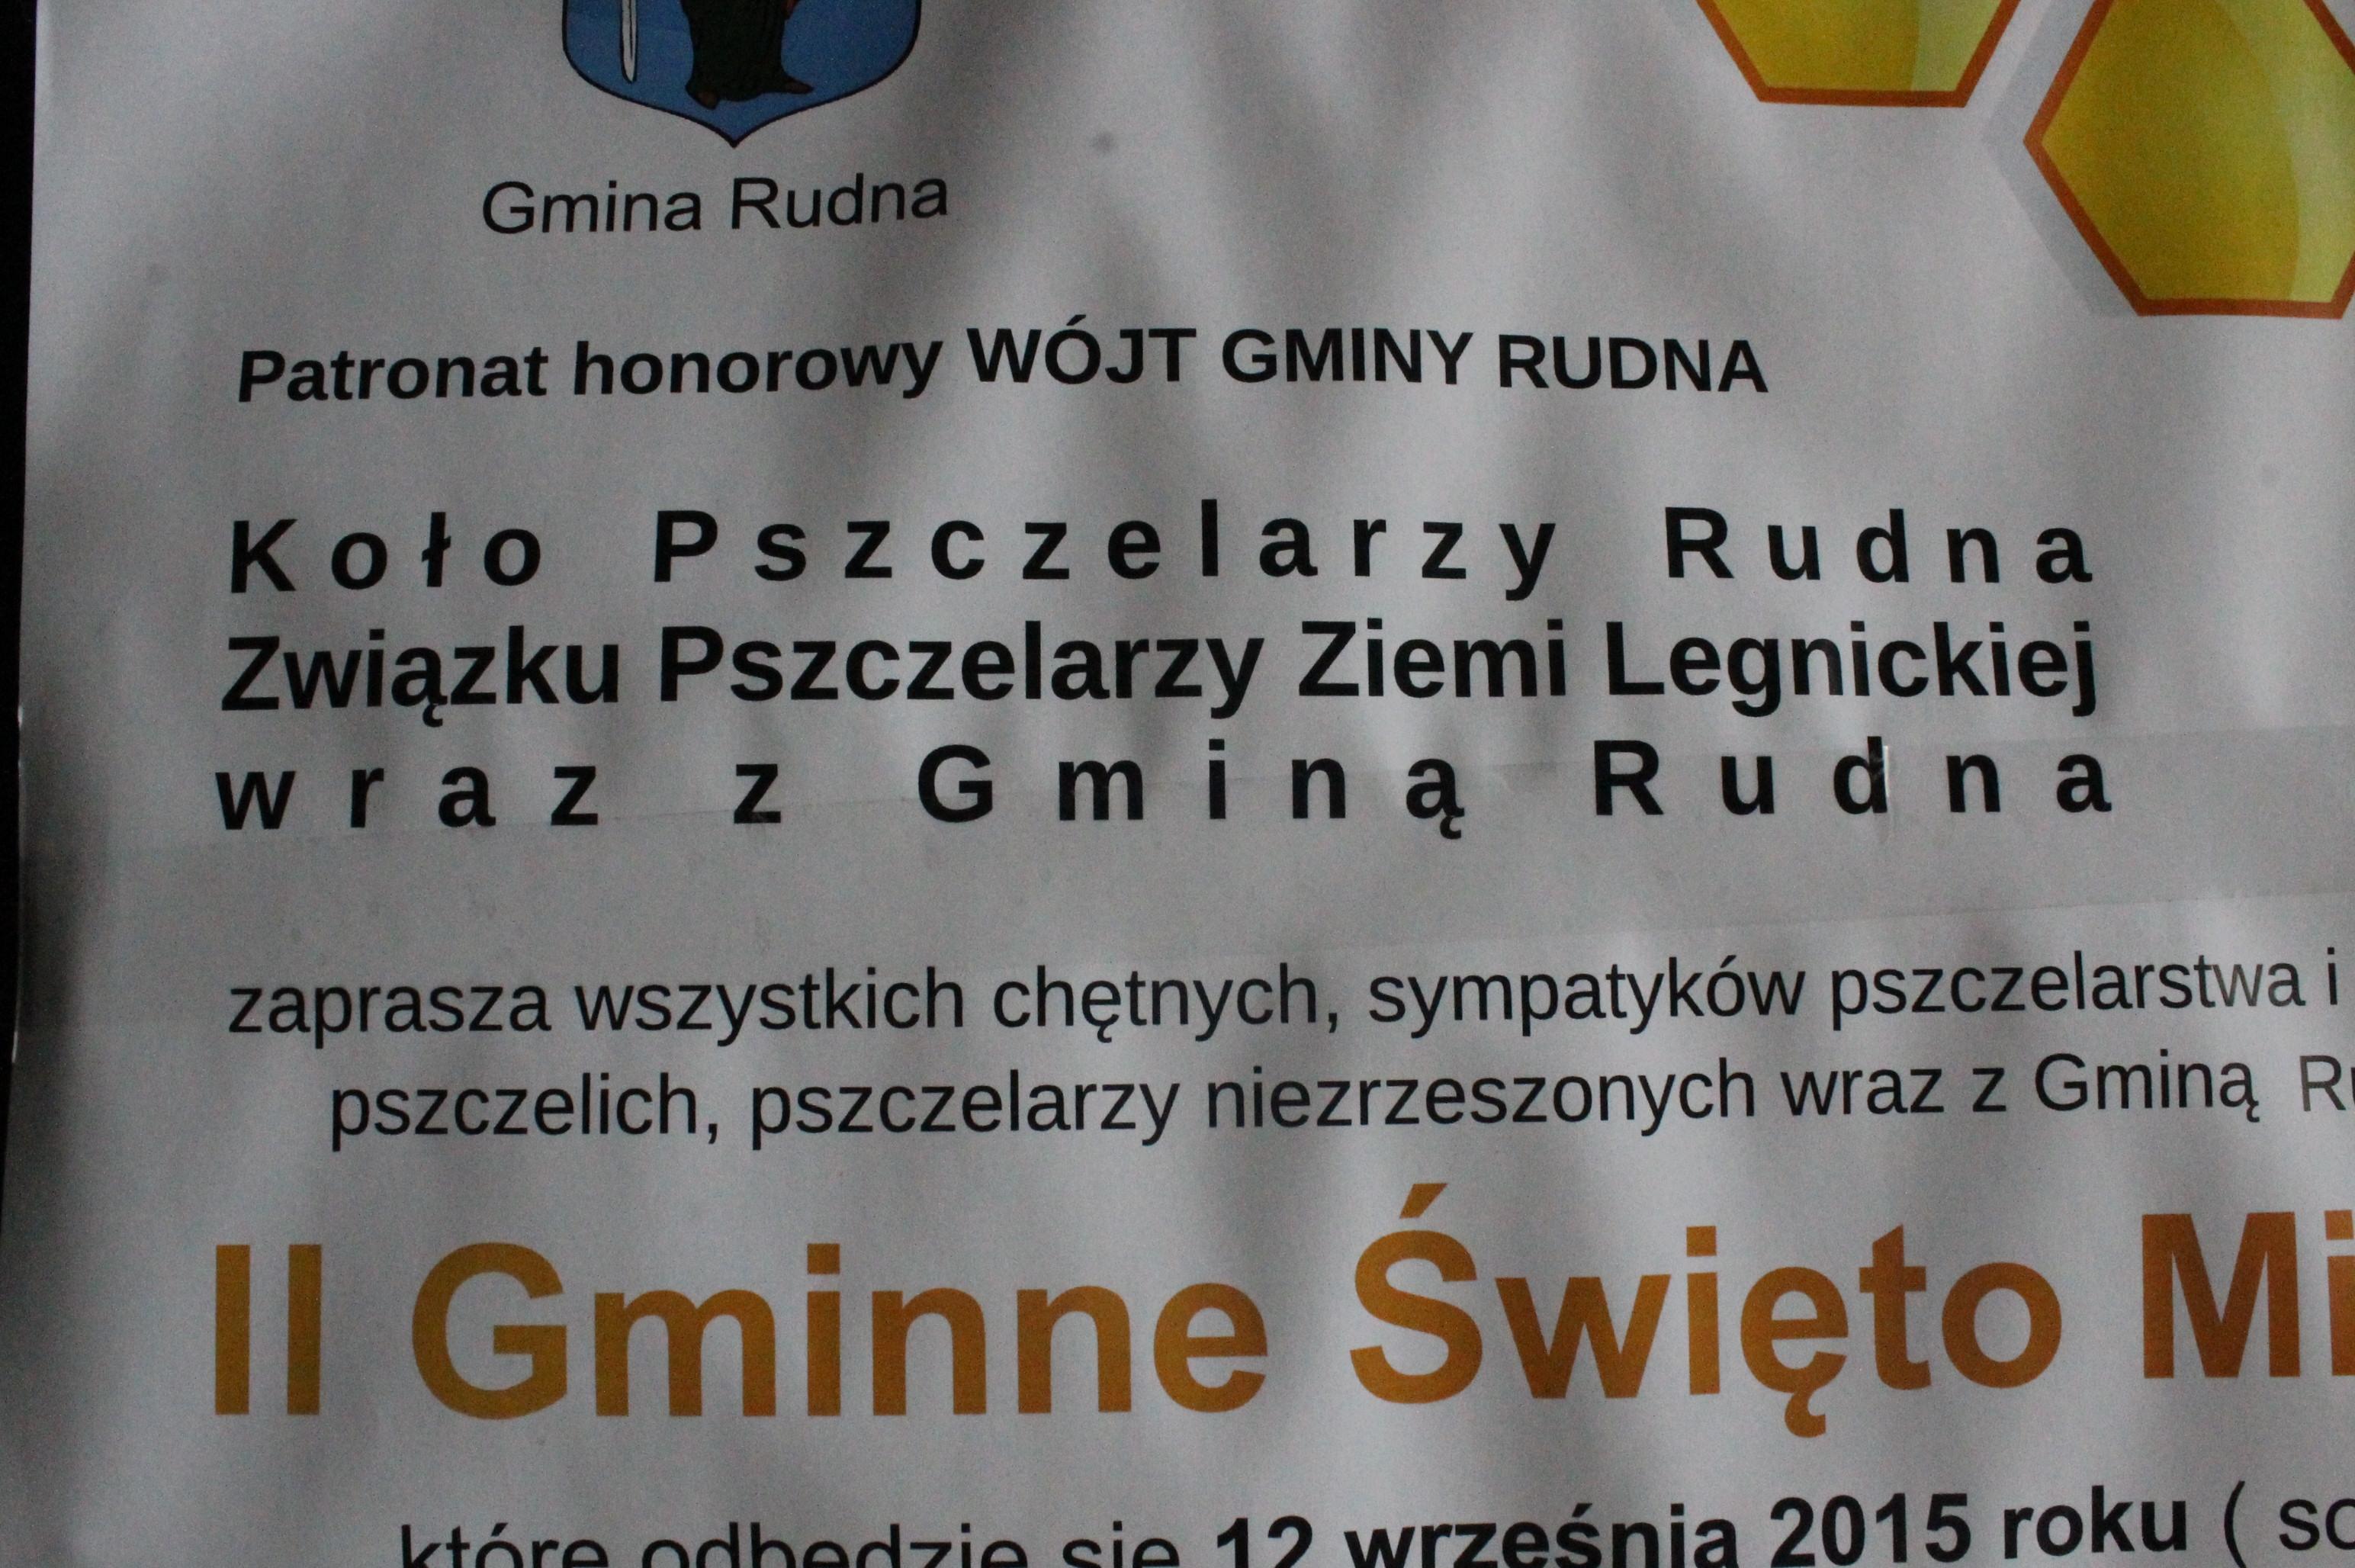 ZŁOTORYJA/POLKOWICE. Matysiak najlepszy z CCC Polsat